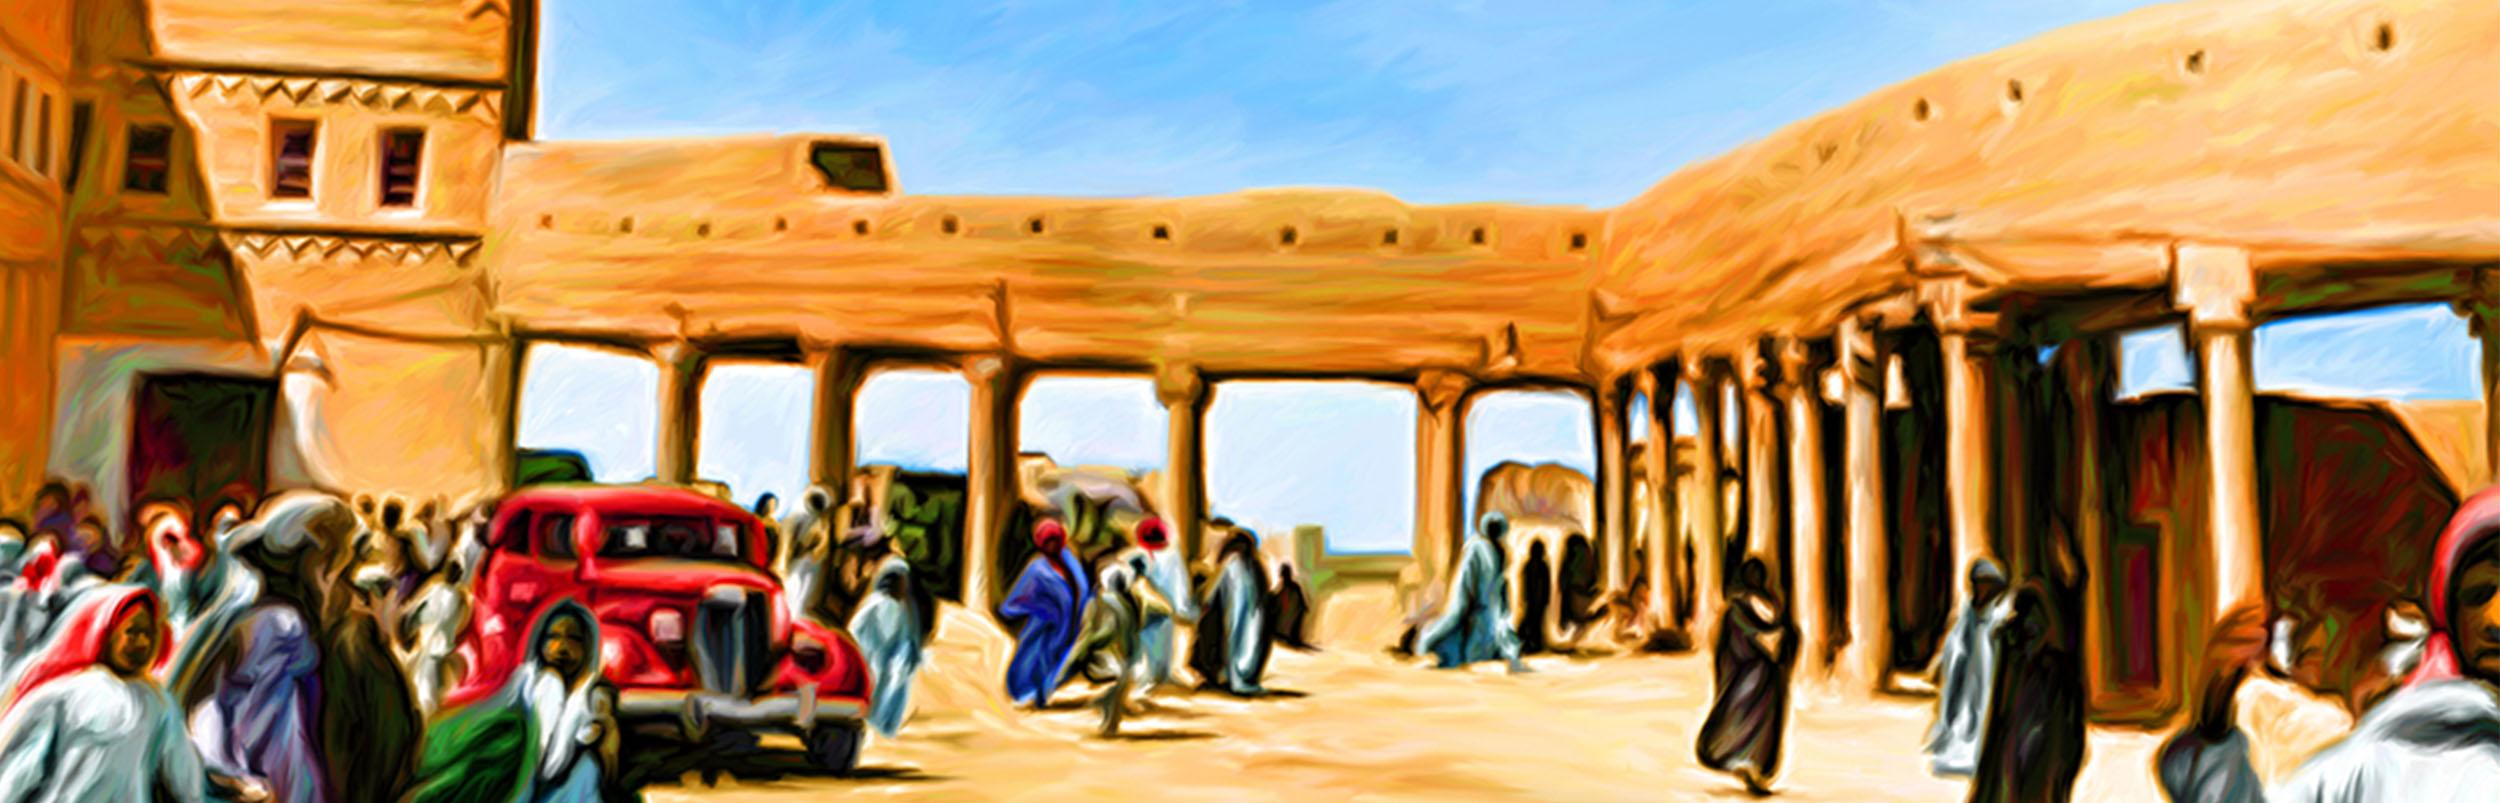 Qasr Al-Hukm